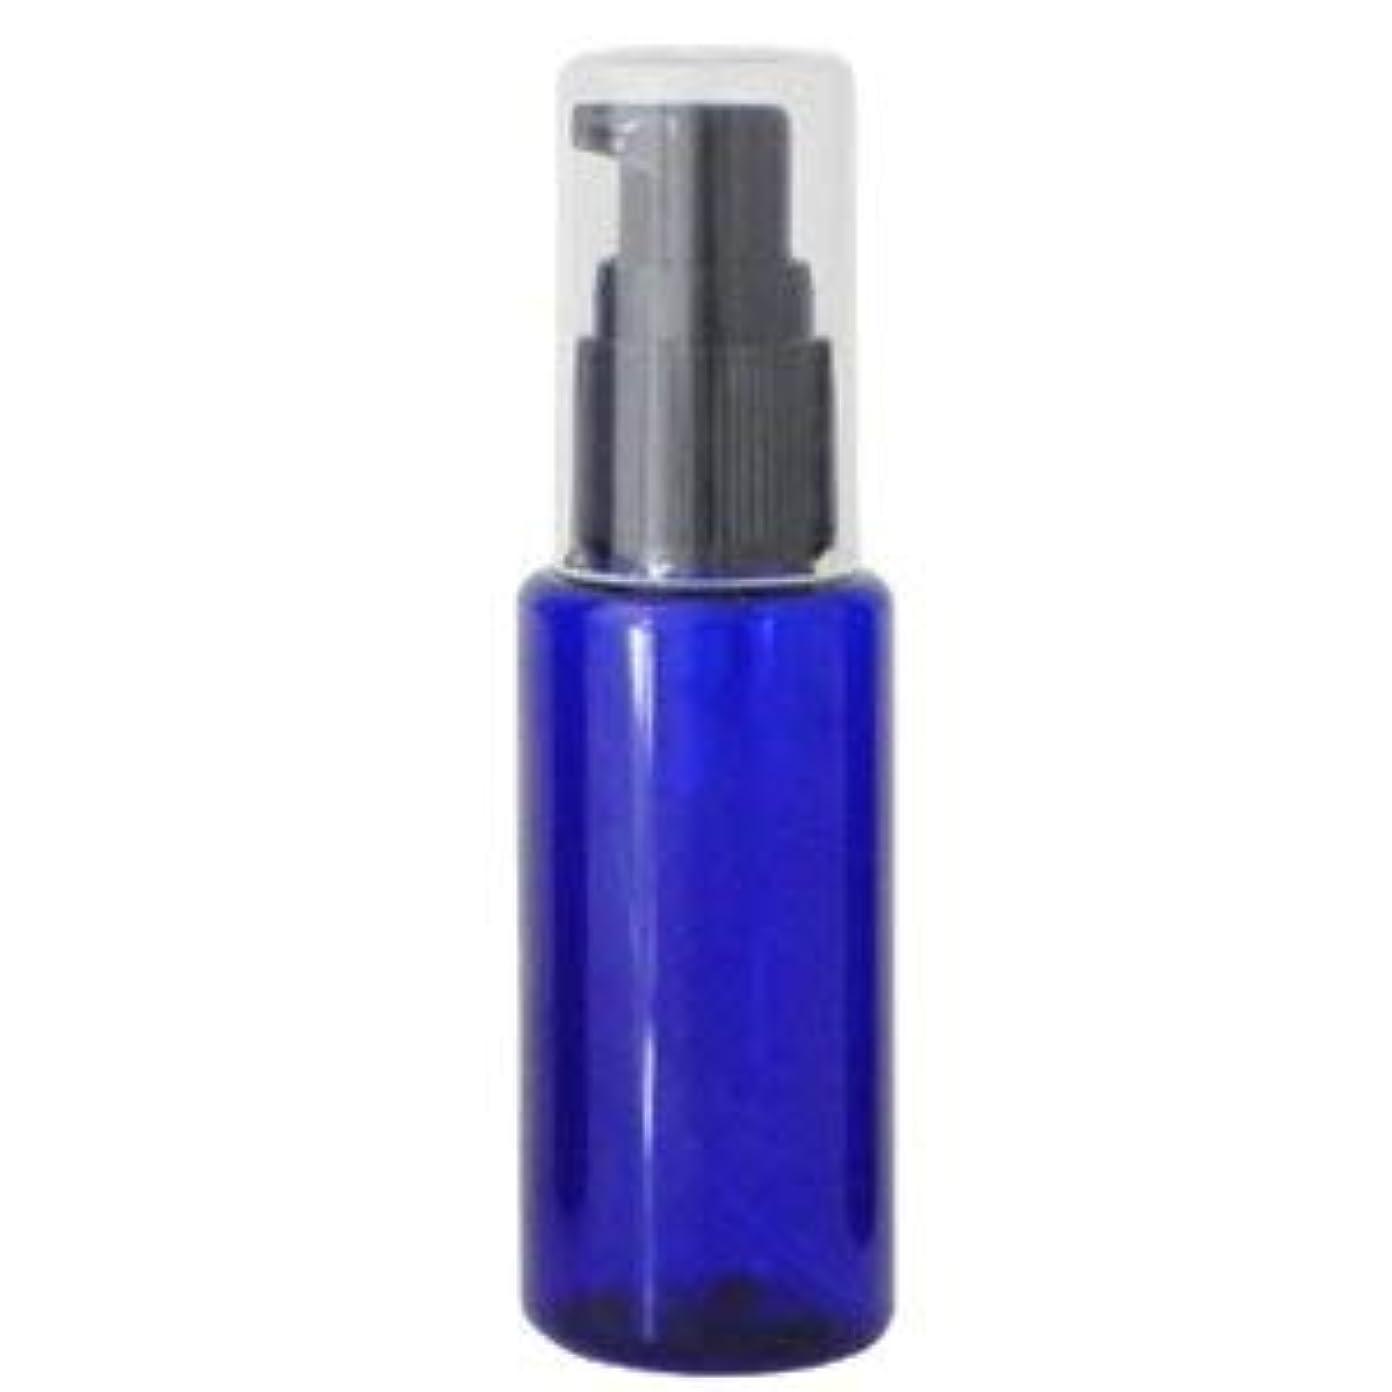 欠乏続編赤ちゃんPETボトル ポンプ コバルトブルー (青) 50ml